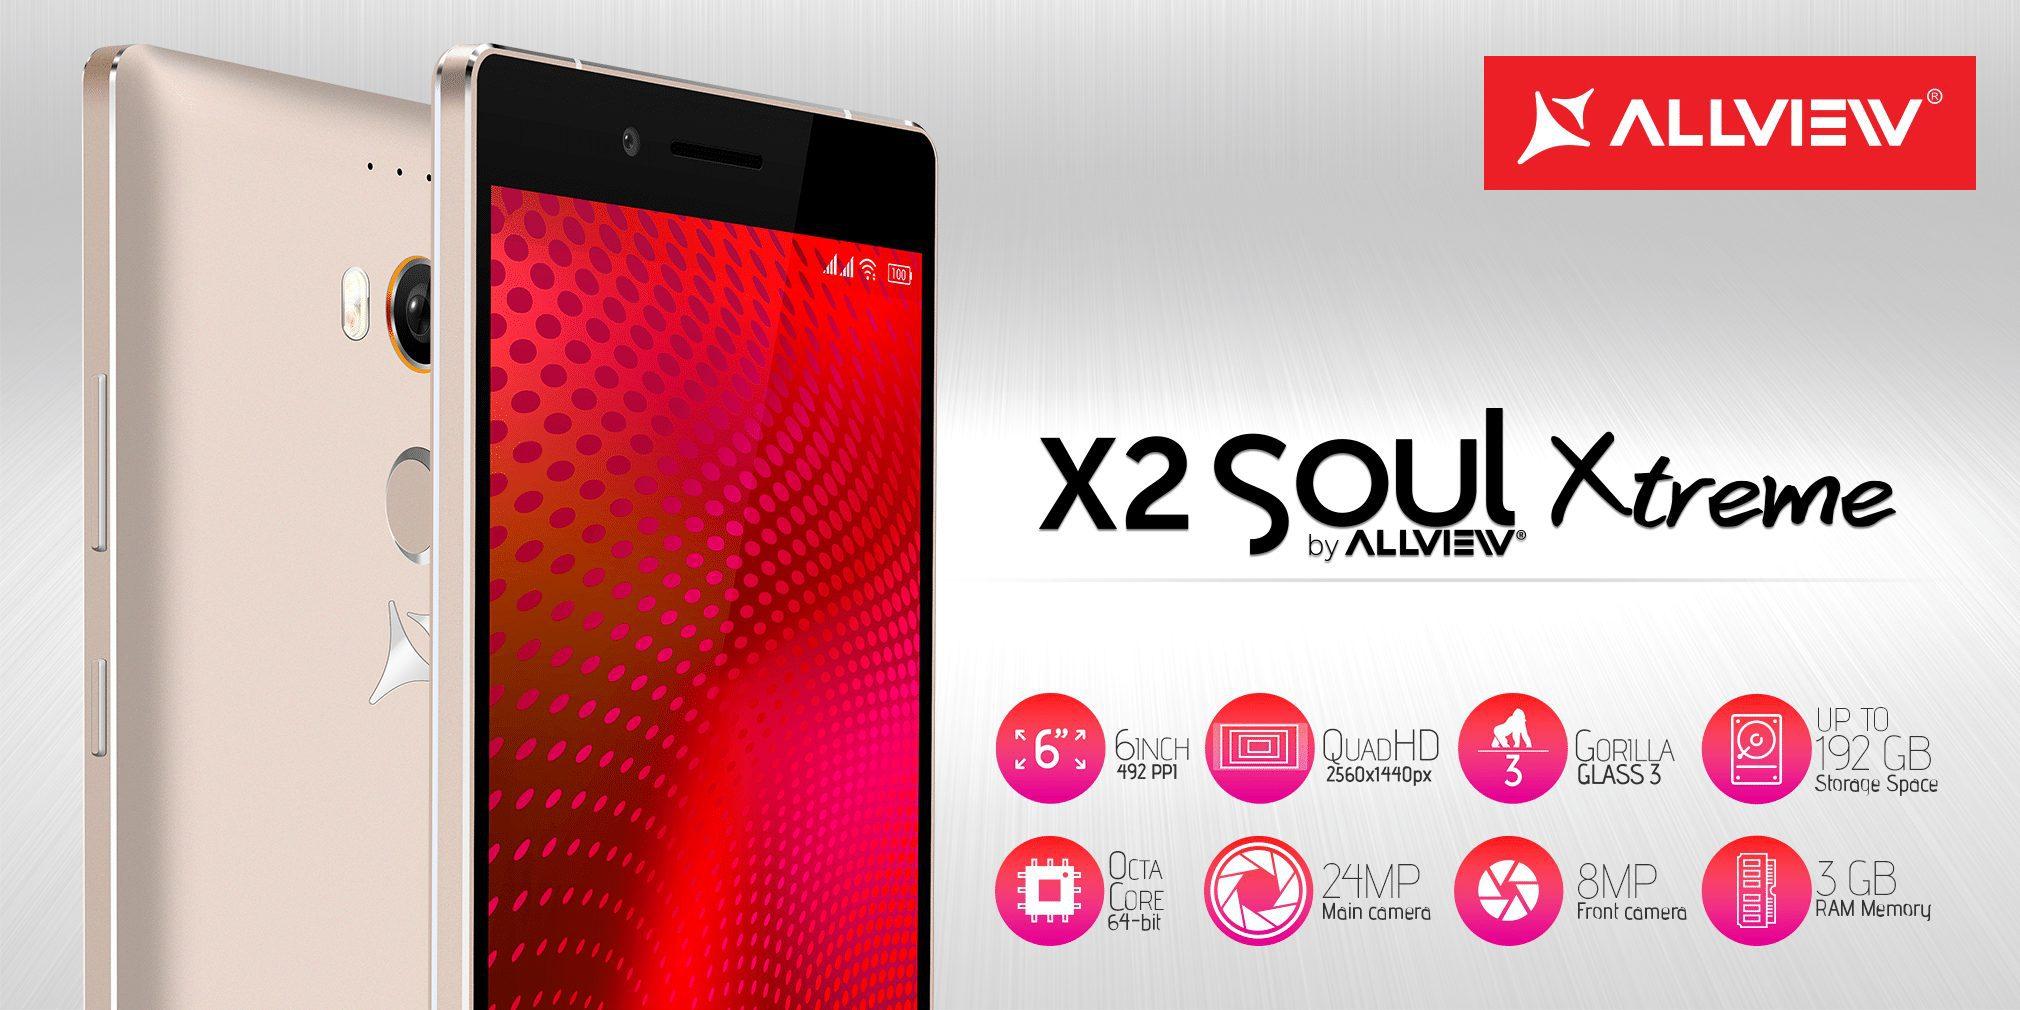 Allview a anunțat X2 Soul Xtreme, cel mai performant și cel mai scump produs al companiei